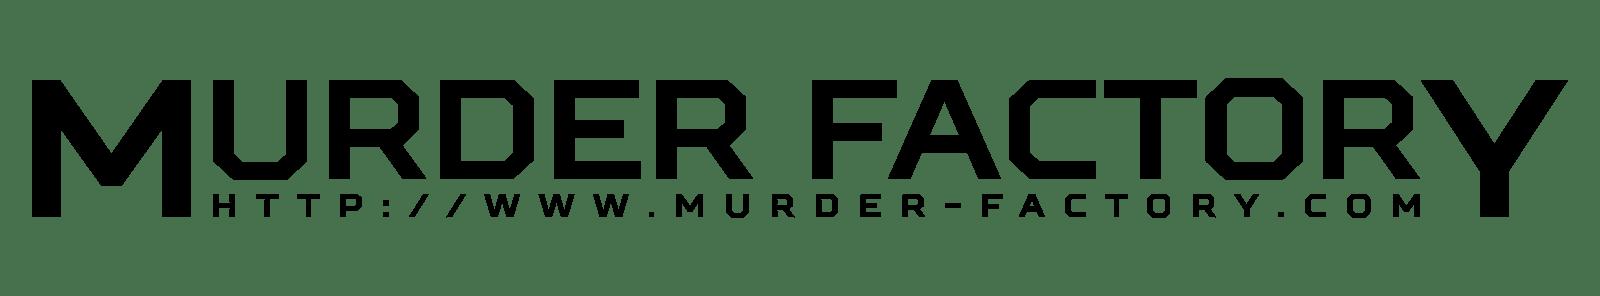 Murder Factory